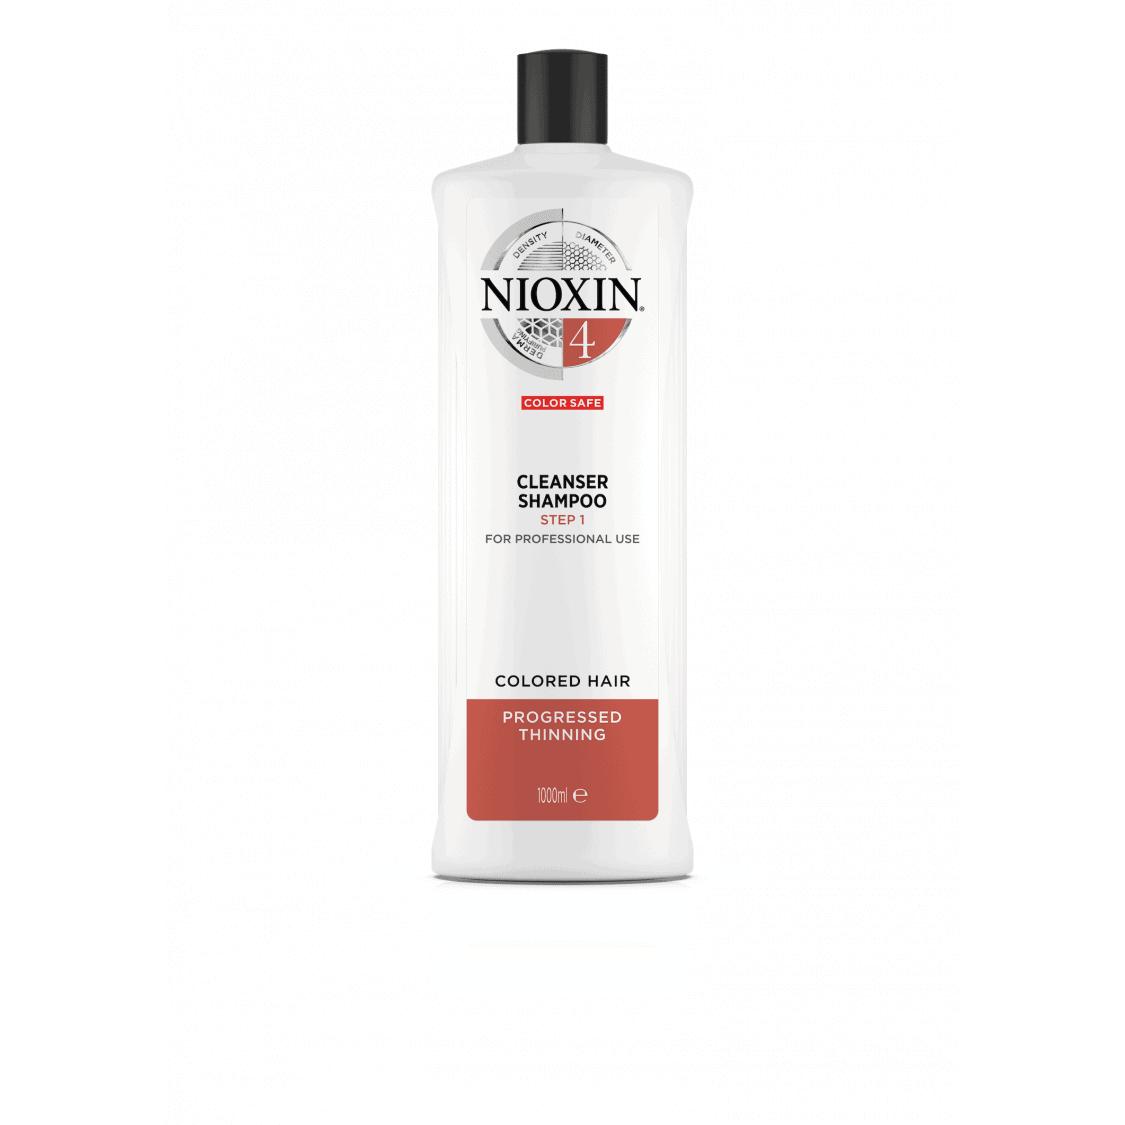 Nioxin Syst4 Shampoo 1000ml